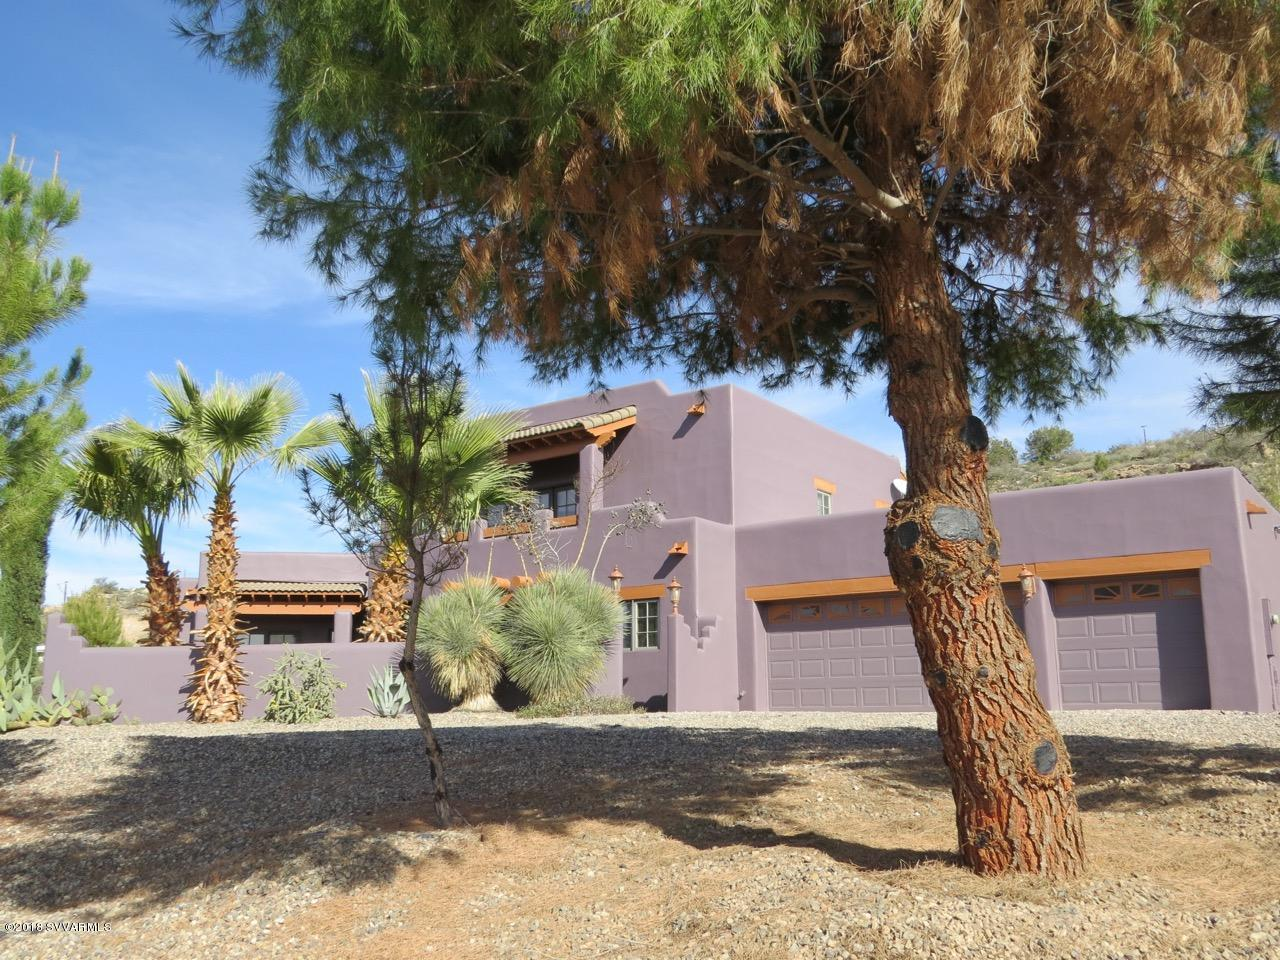 4845 Goss Rd Rimrock, AZ 86335